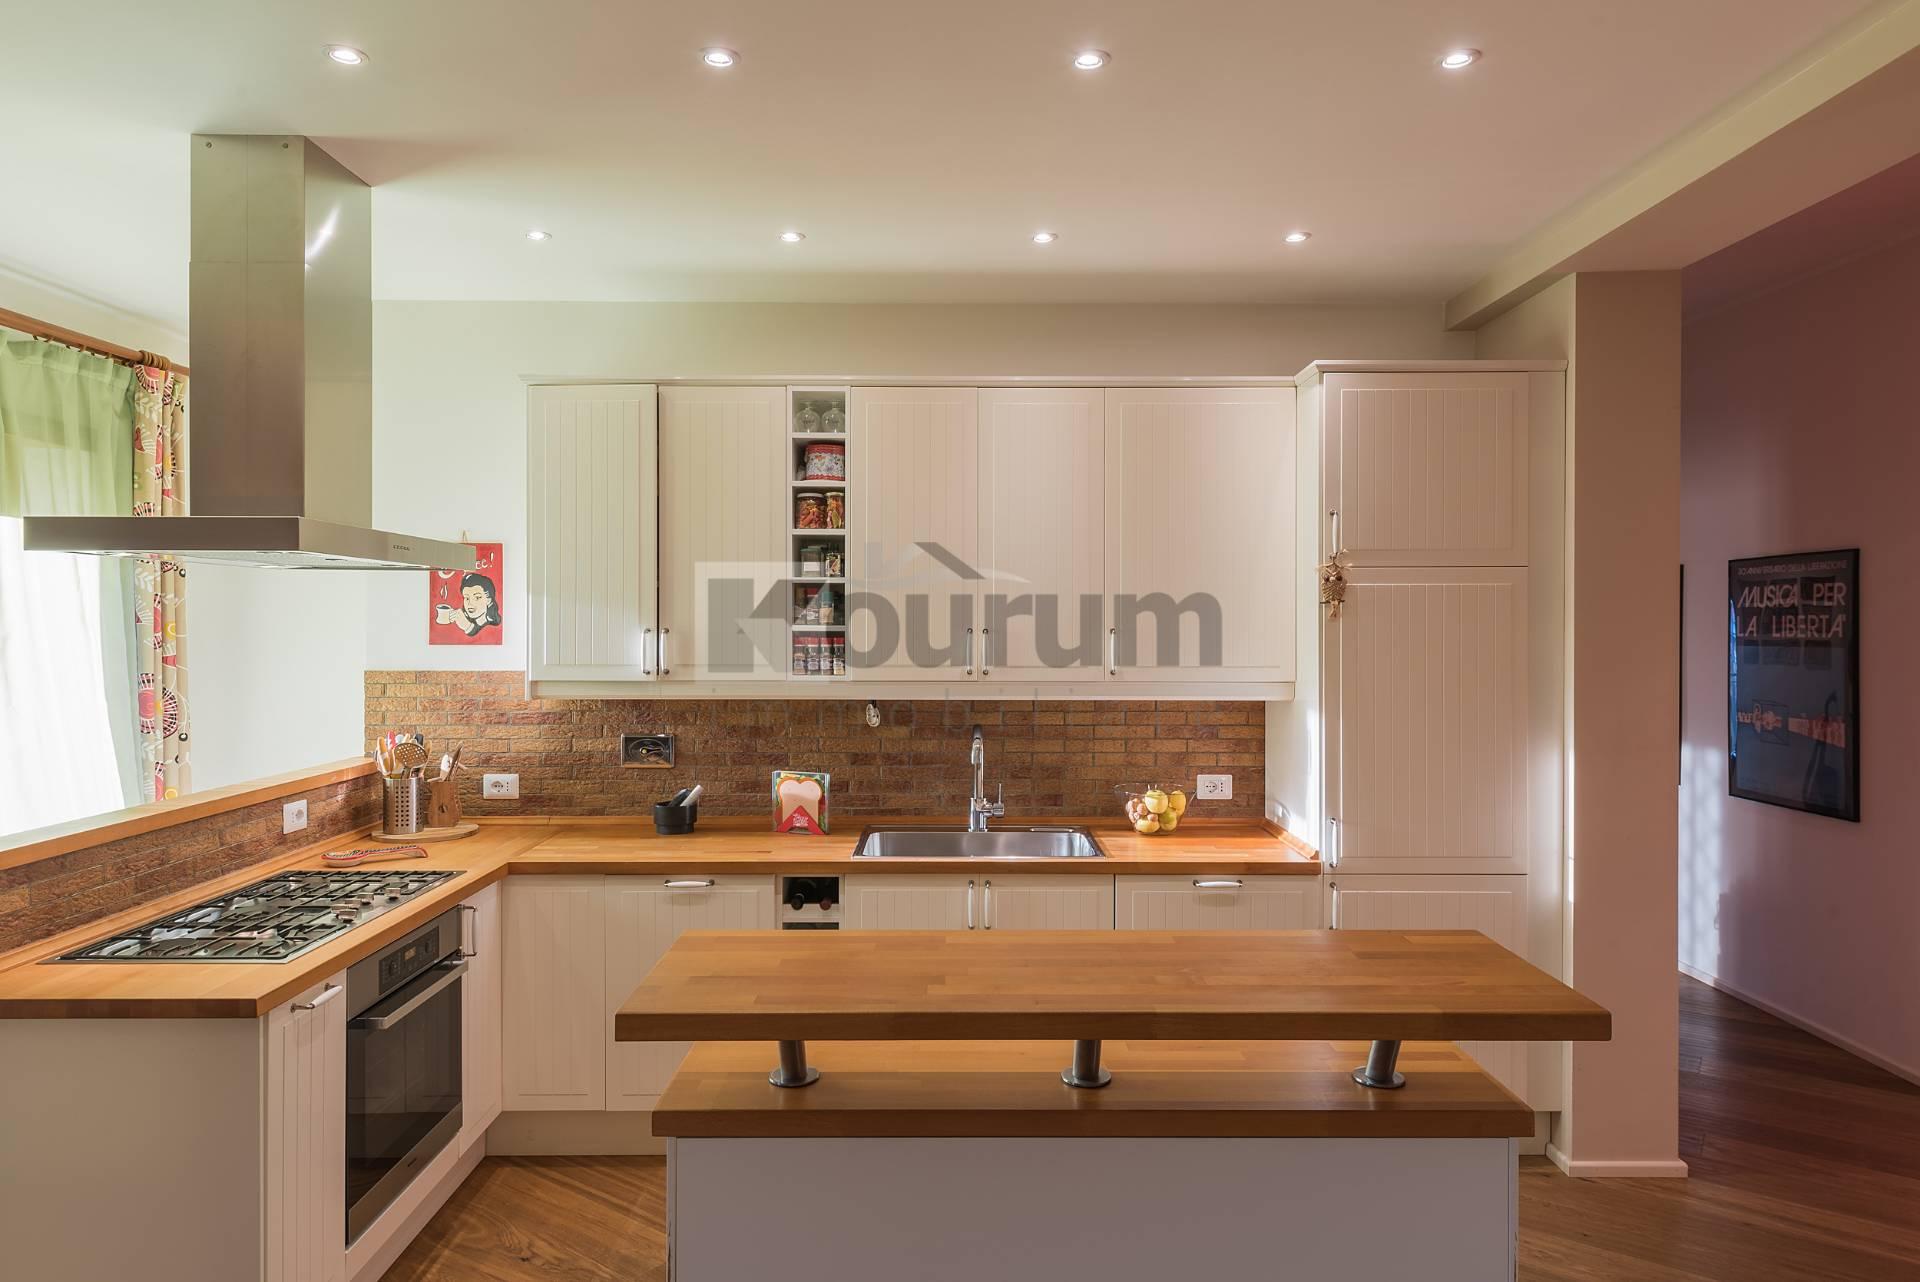 Appartamento in vendita a Ciampino, 3 locali, zona Località: Centro, prezzo € 259.000 | CambioCasa.it